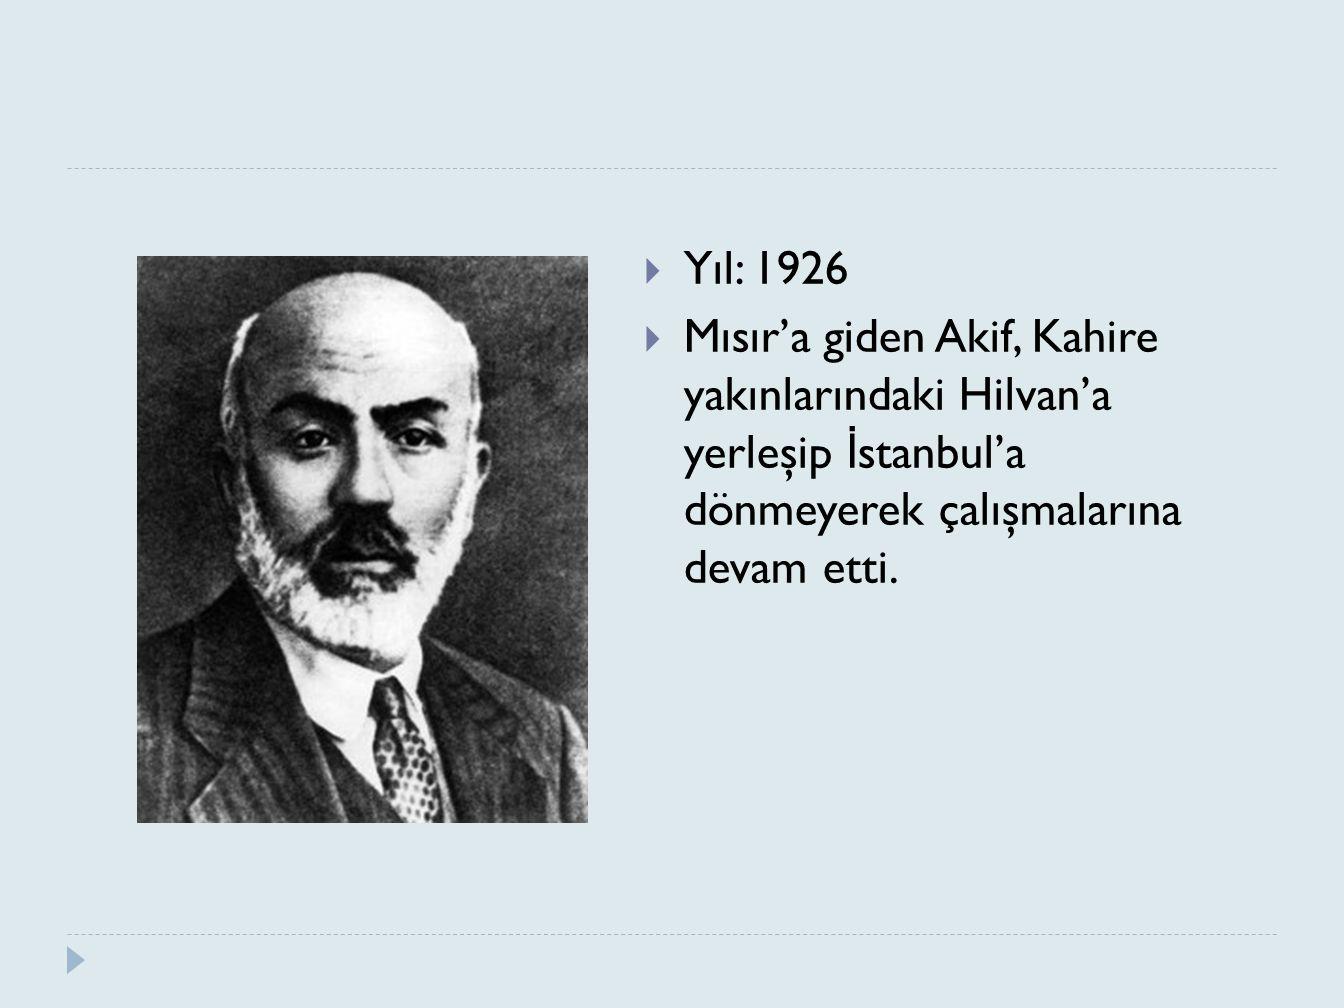 Yıl: 1926 Mısır'a giden Akif, Kahire yakınlarındaki Hilvan'a yerleşip İstanbul'a dönmeyerek çalışmalarına devam etti.